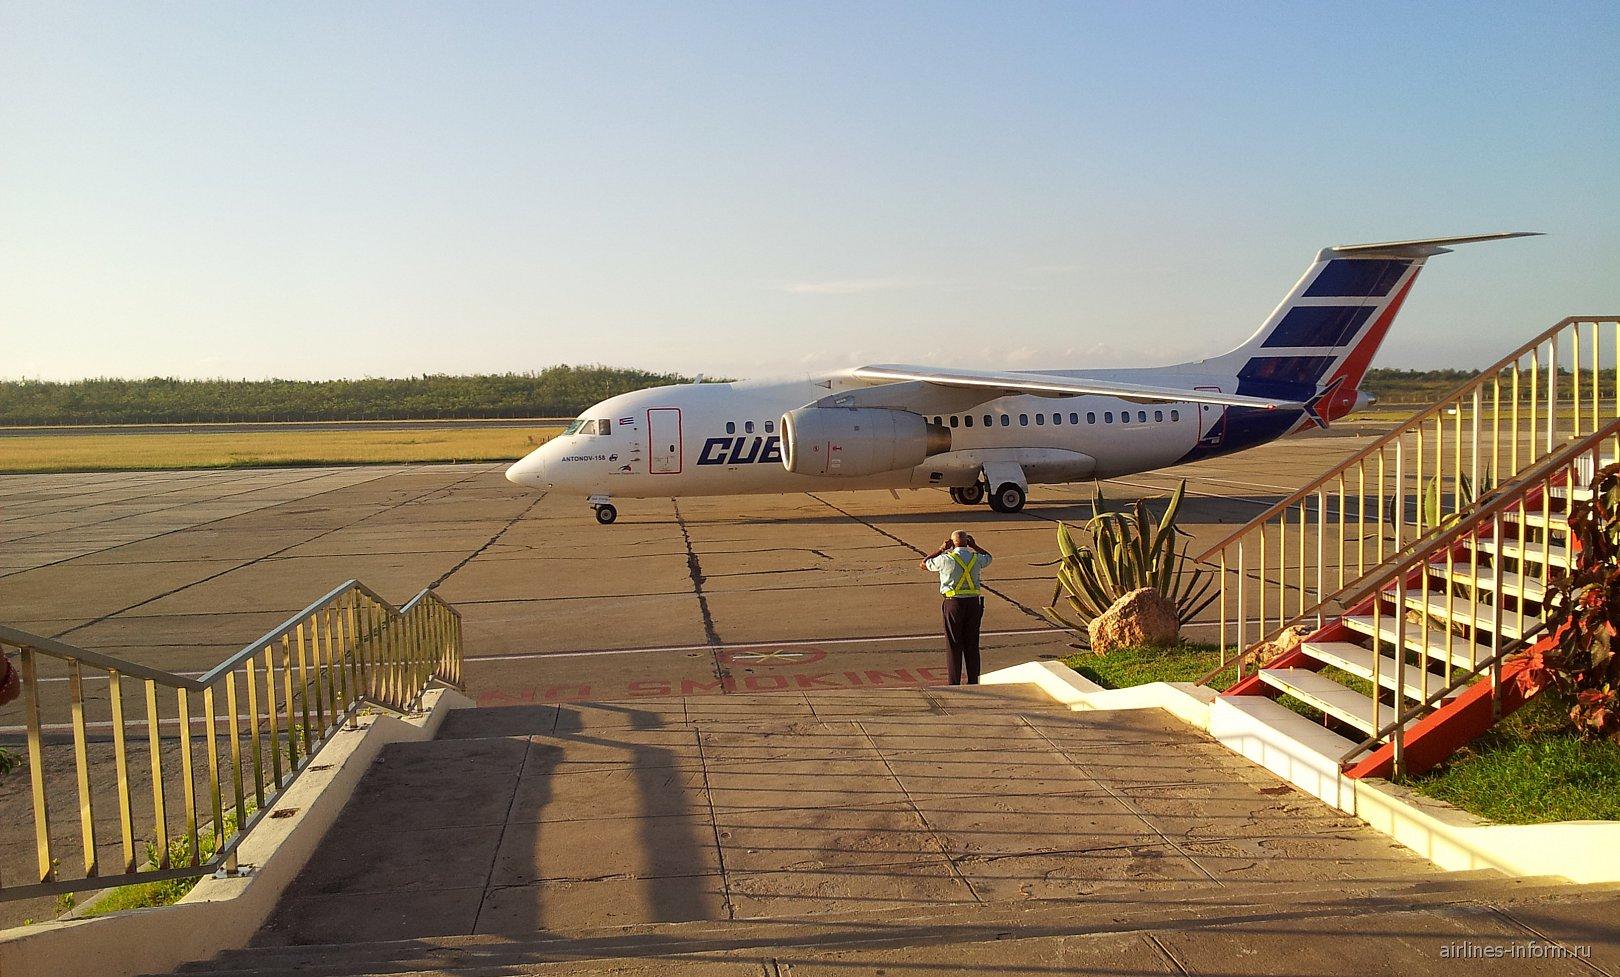 Самолет Ан-158 авиакомпании Cubana в аэропорту Сантьяго-де-Куба